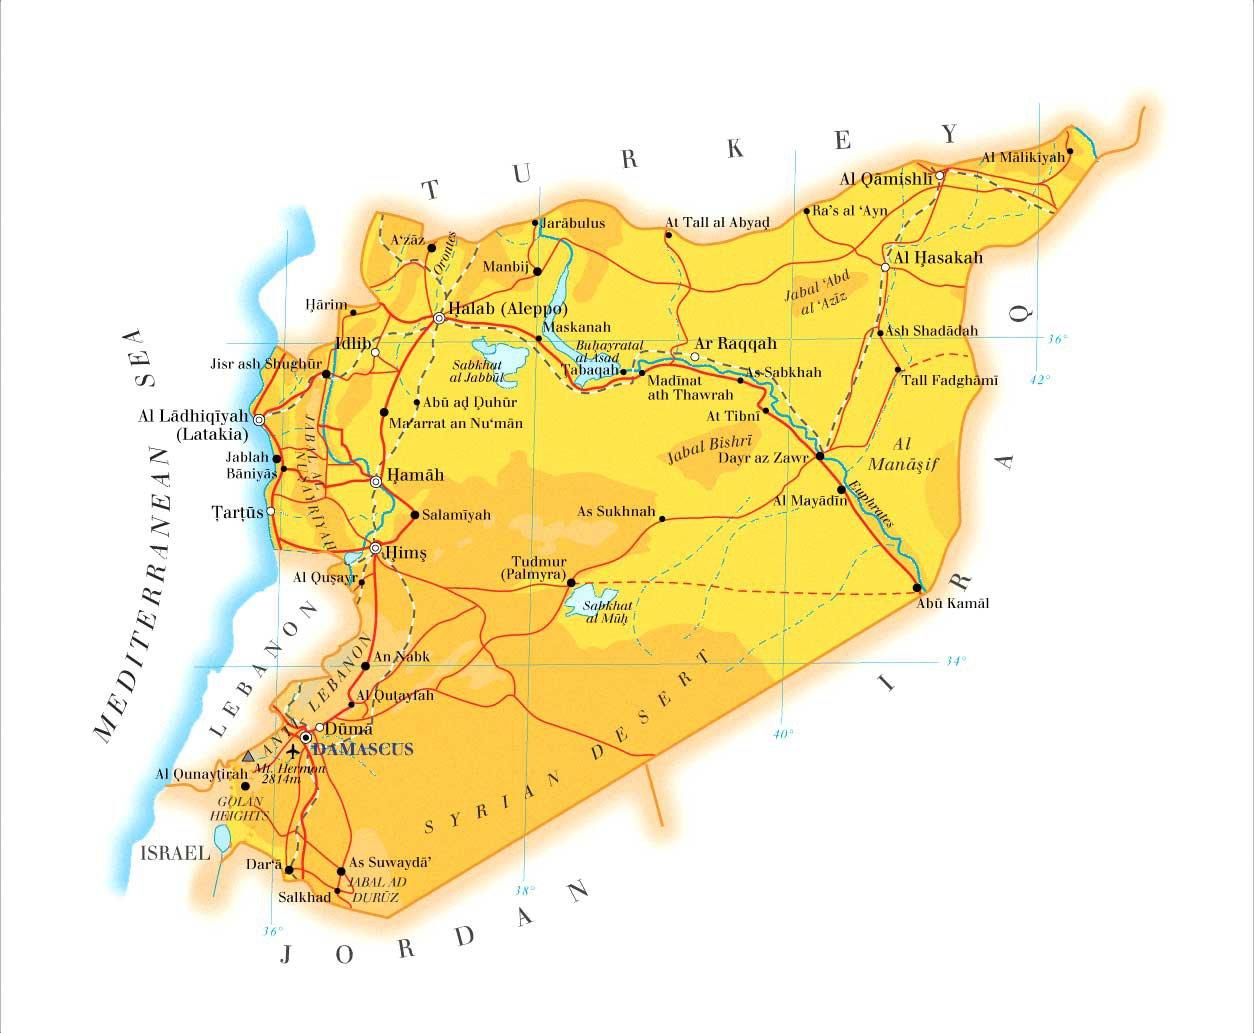 Сирия карта на русском языке, подробные карты Сирии с отелями ...